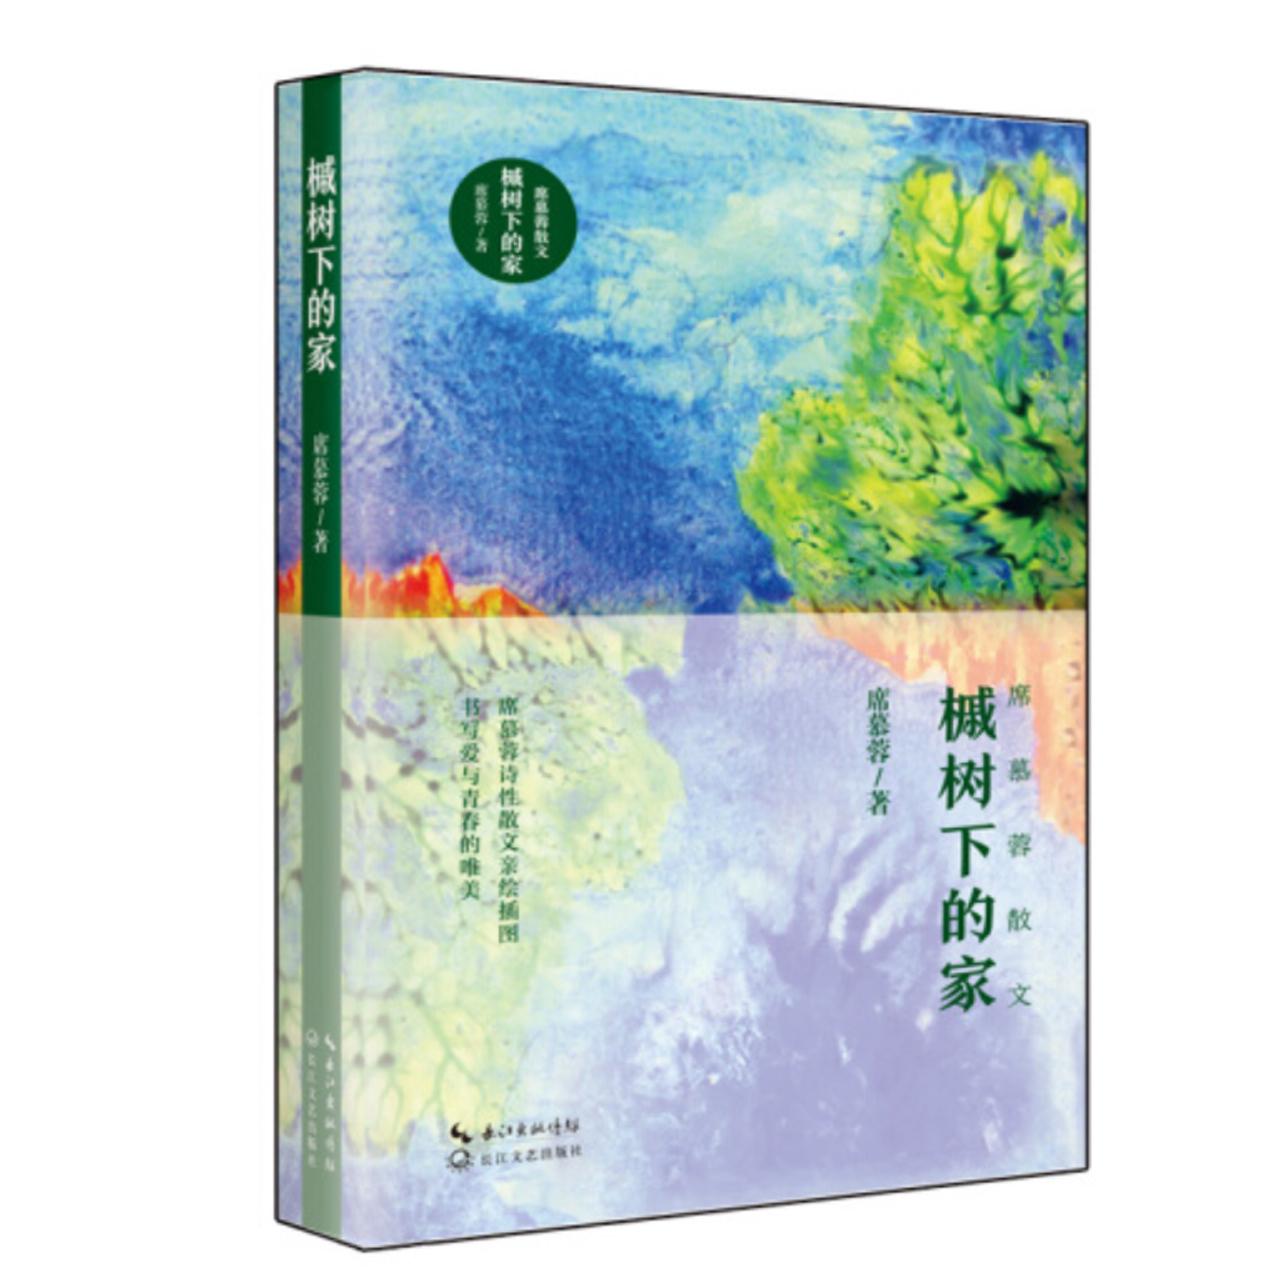 槭树下的家【儿童小说/青少年读物/文学散文】